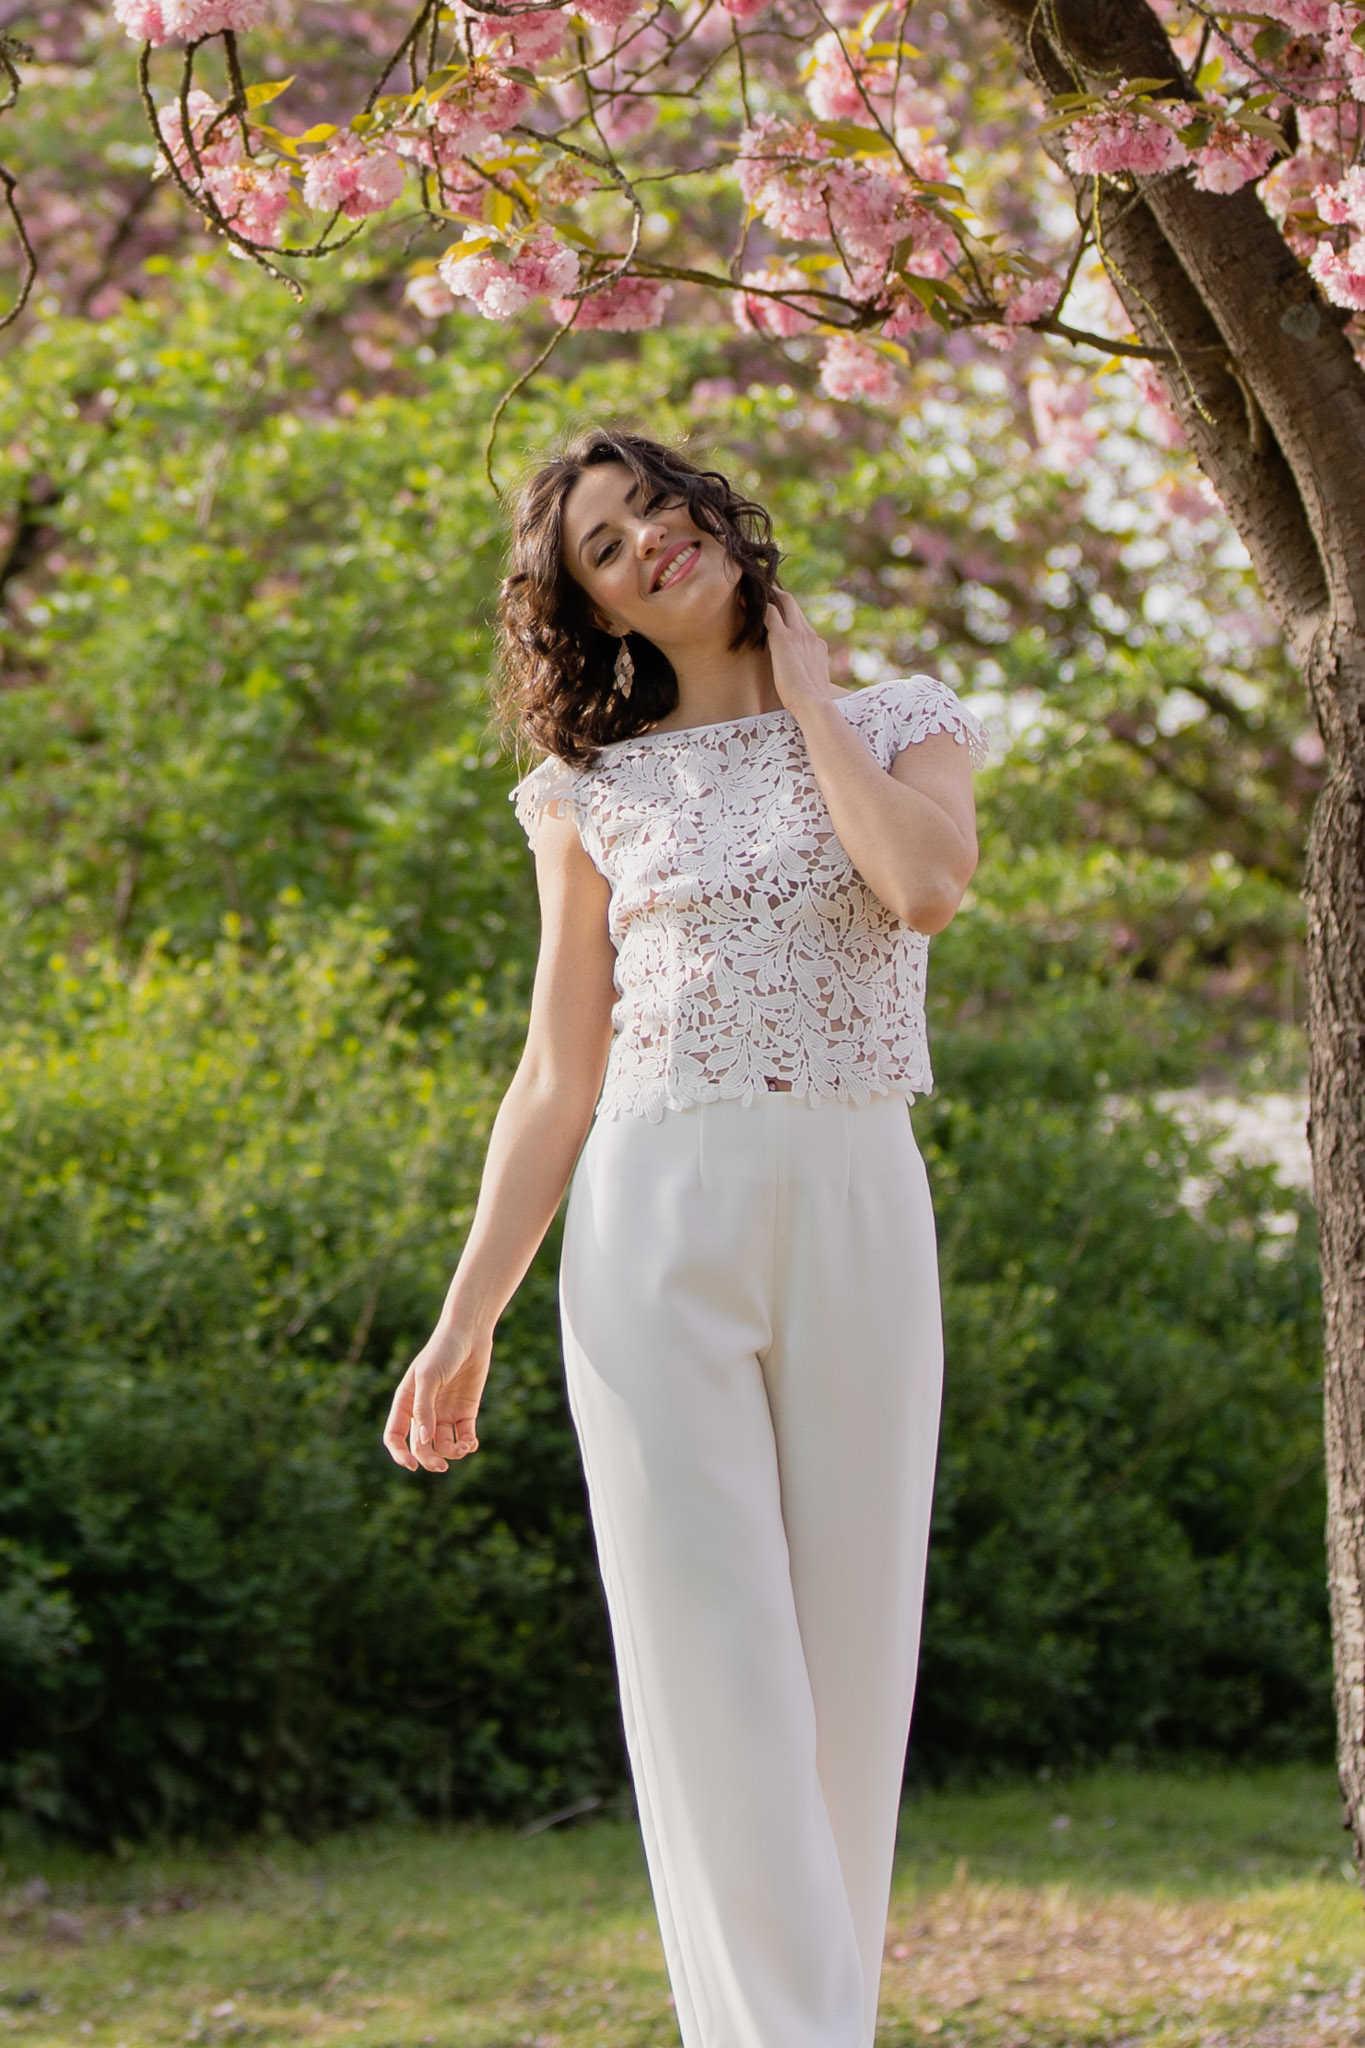 Braut-Kombination mit Hose und Spitzen-Top